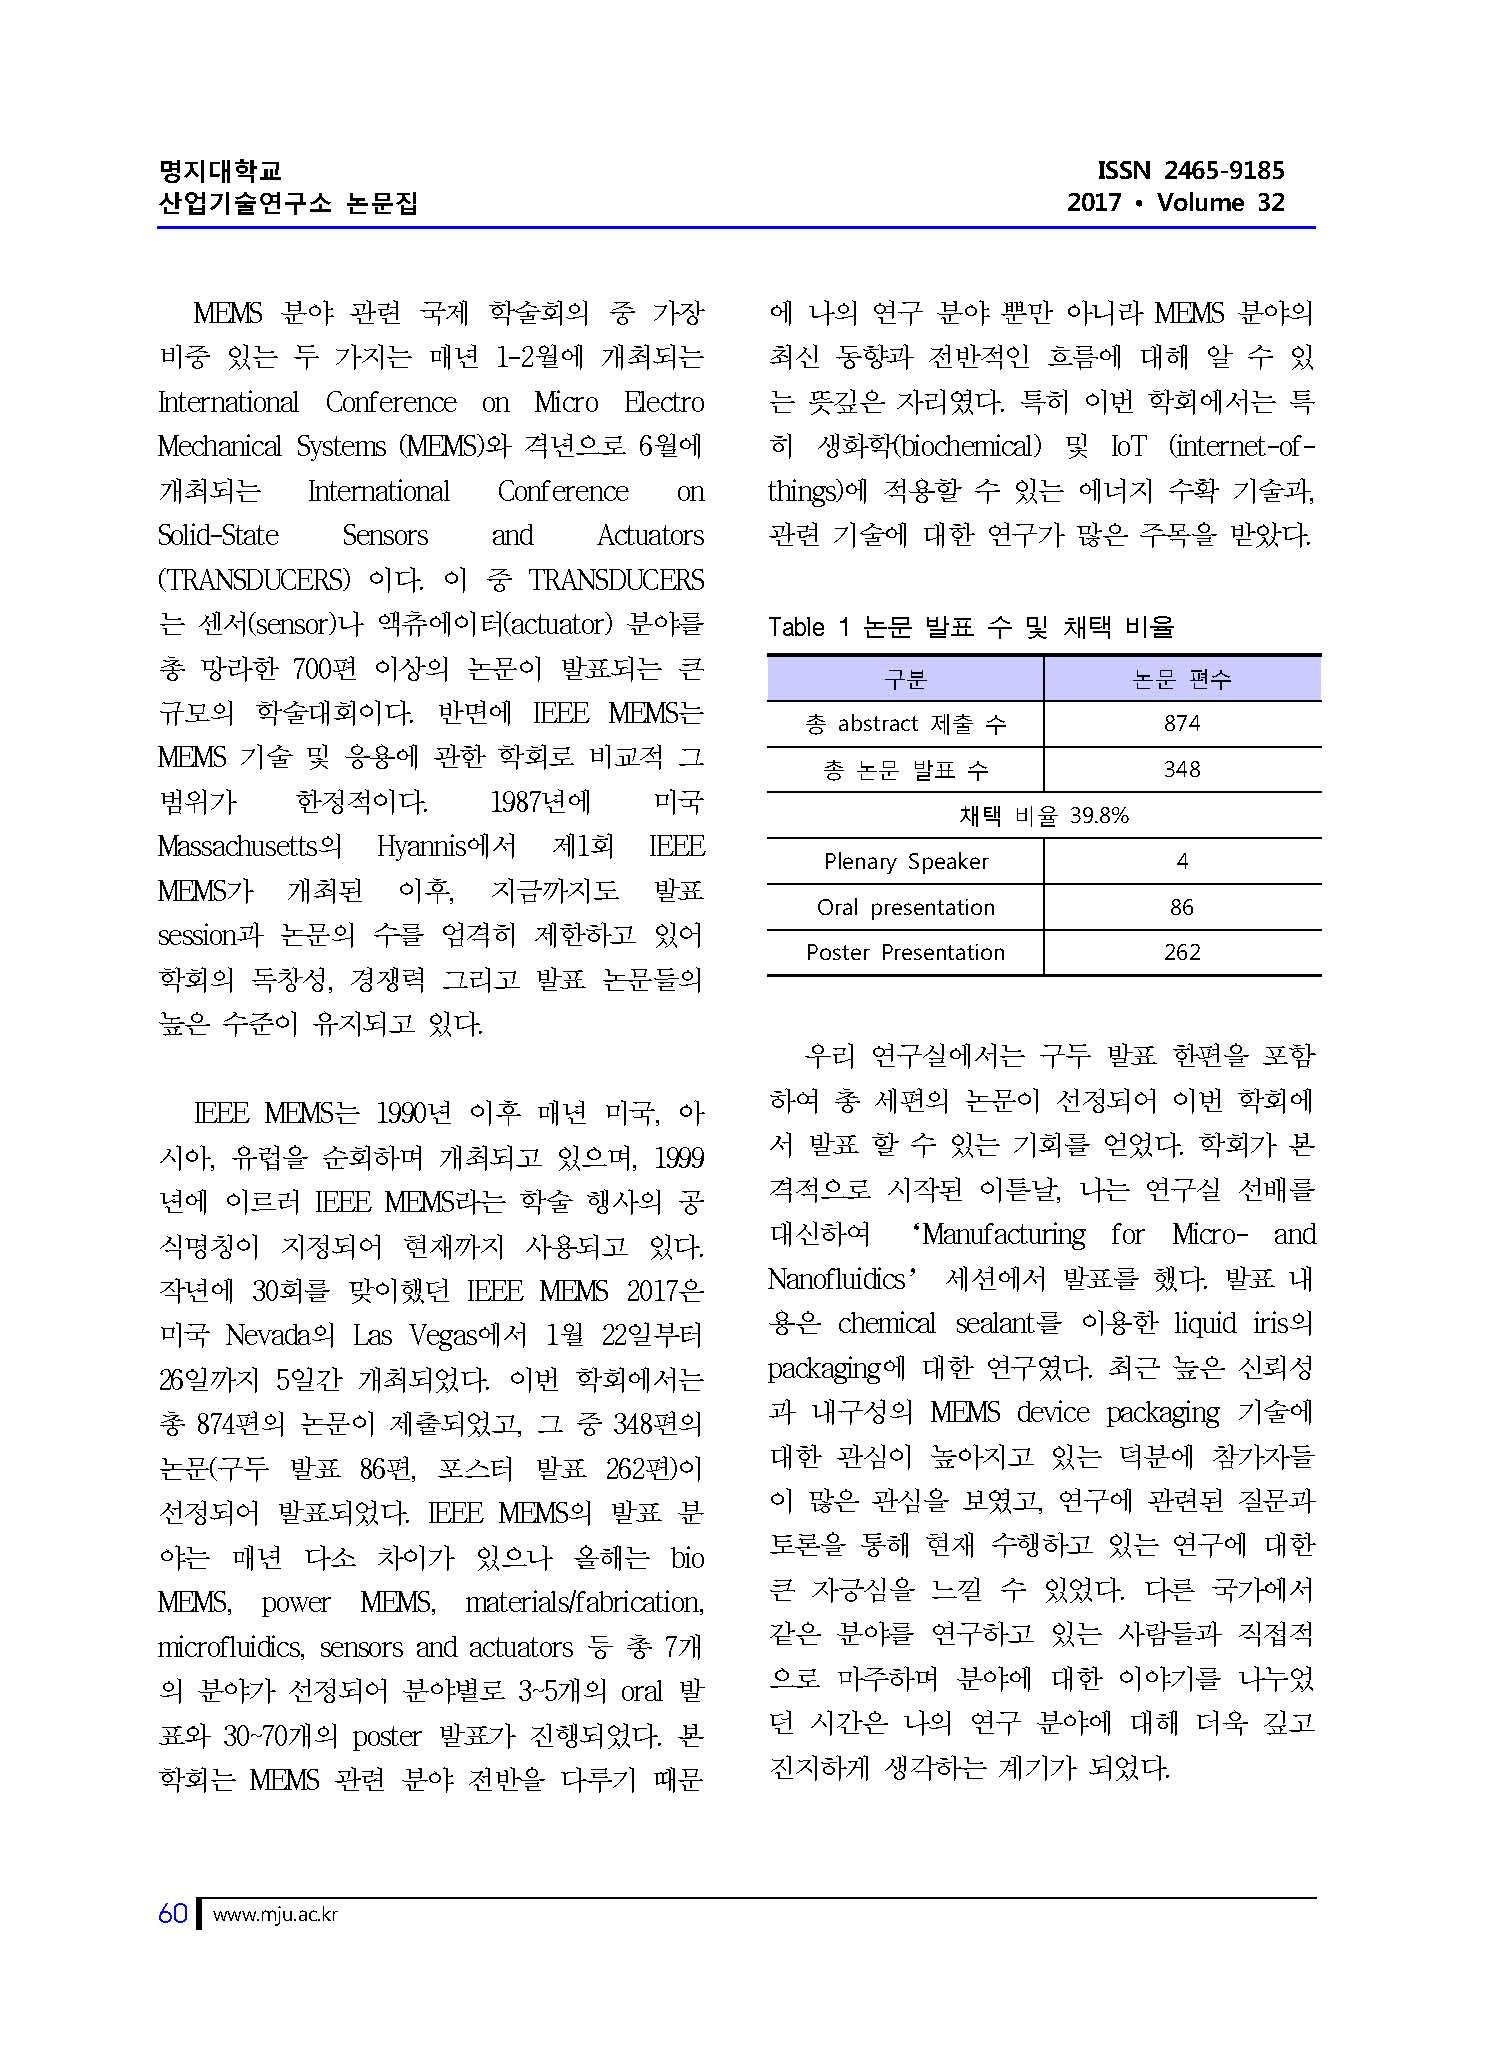 산업기술연구소 논문집 vol.32 (2017)_페이지_3.jpg